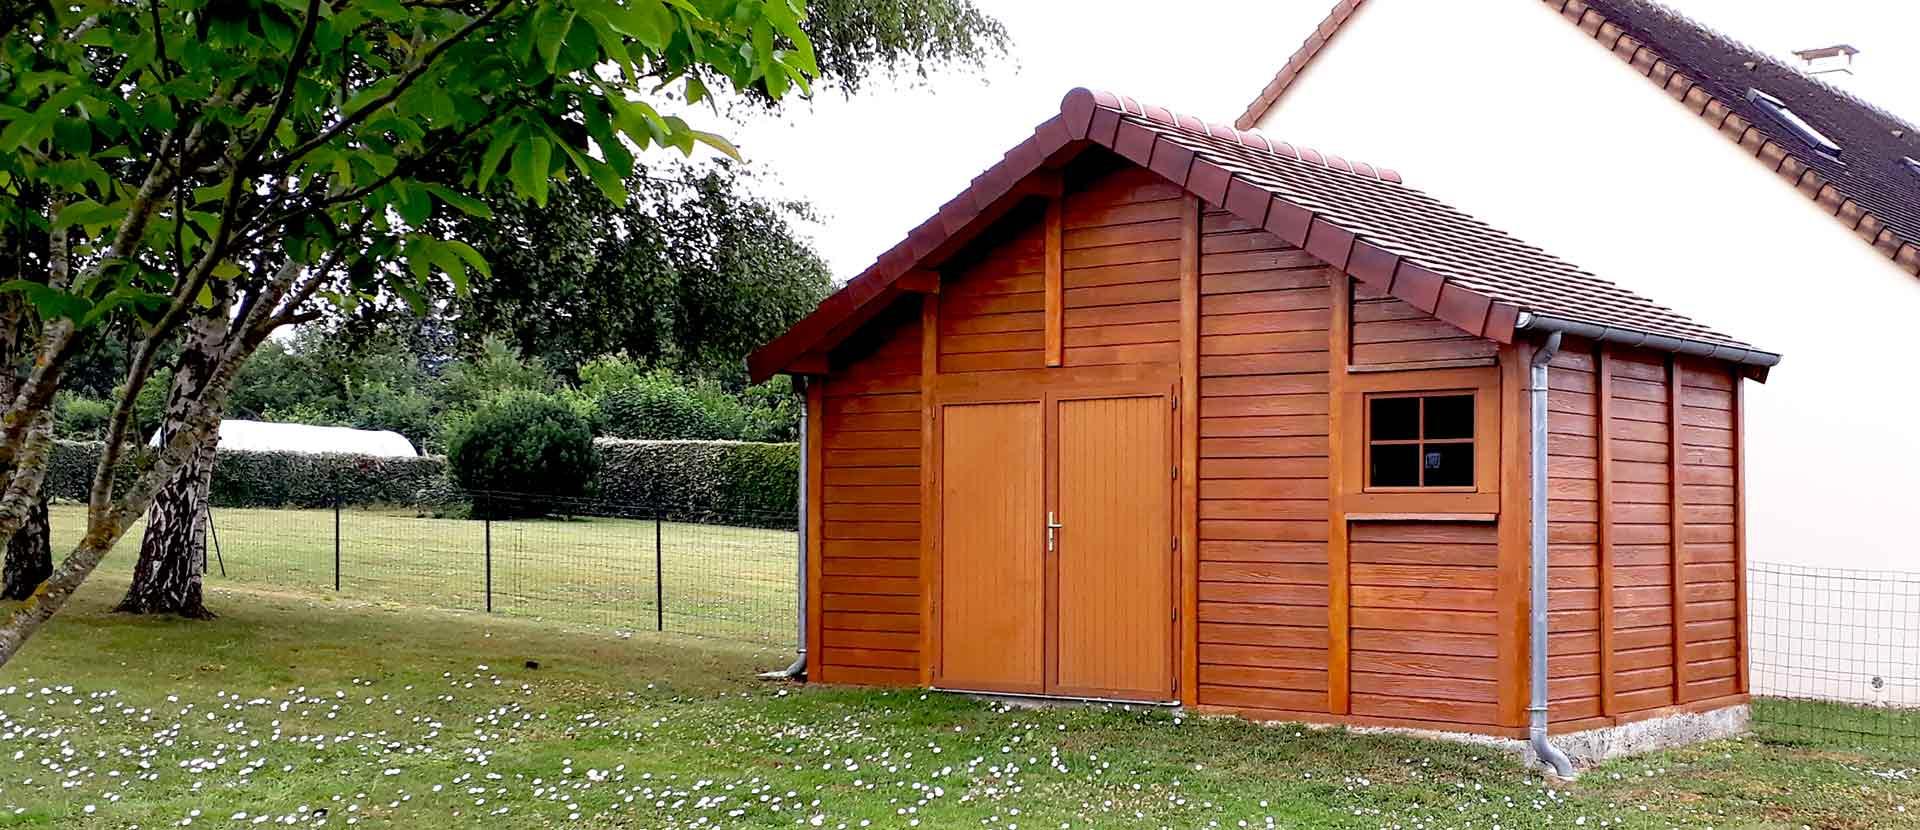 Garage Et Construction Modulaire Béton Et Béton Aspect Bois avec Abri De Jardin Vannes